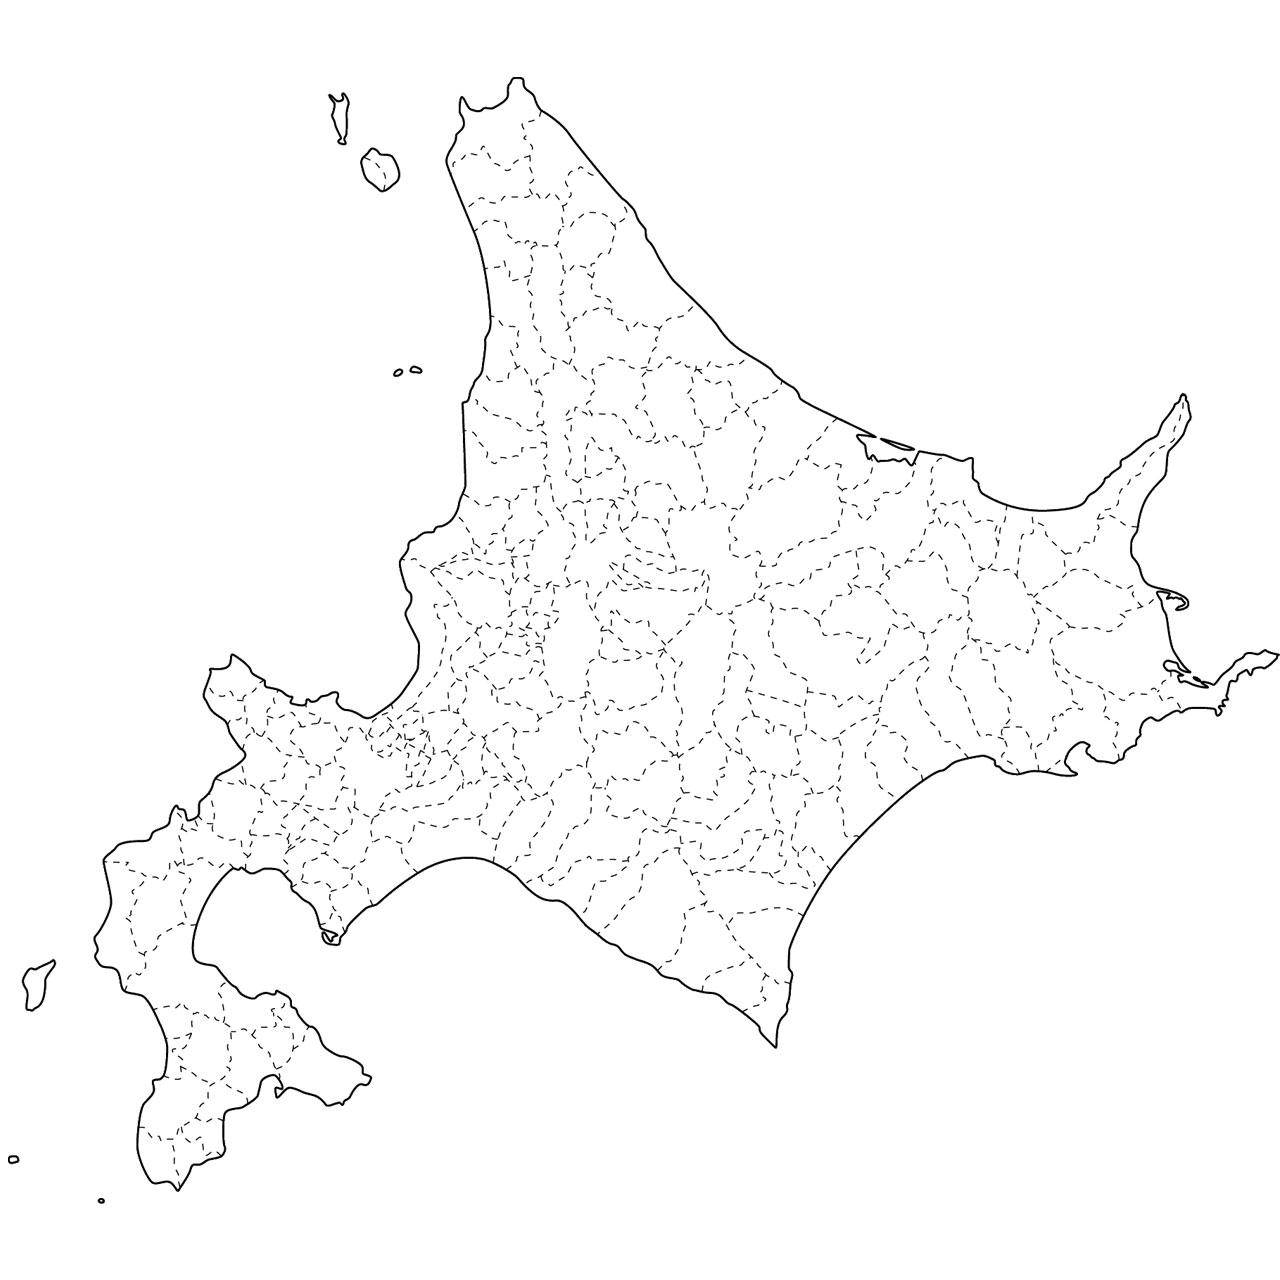 地図イラスト見本(縮小表示) : 日本 白地図 地方 : 日本